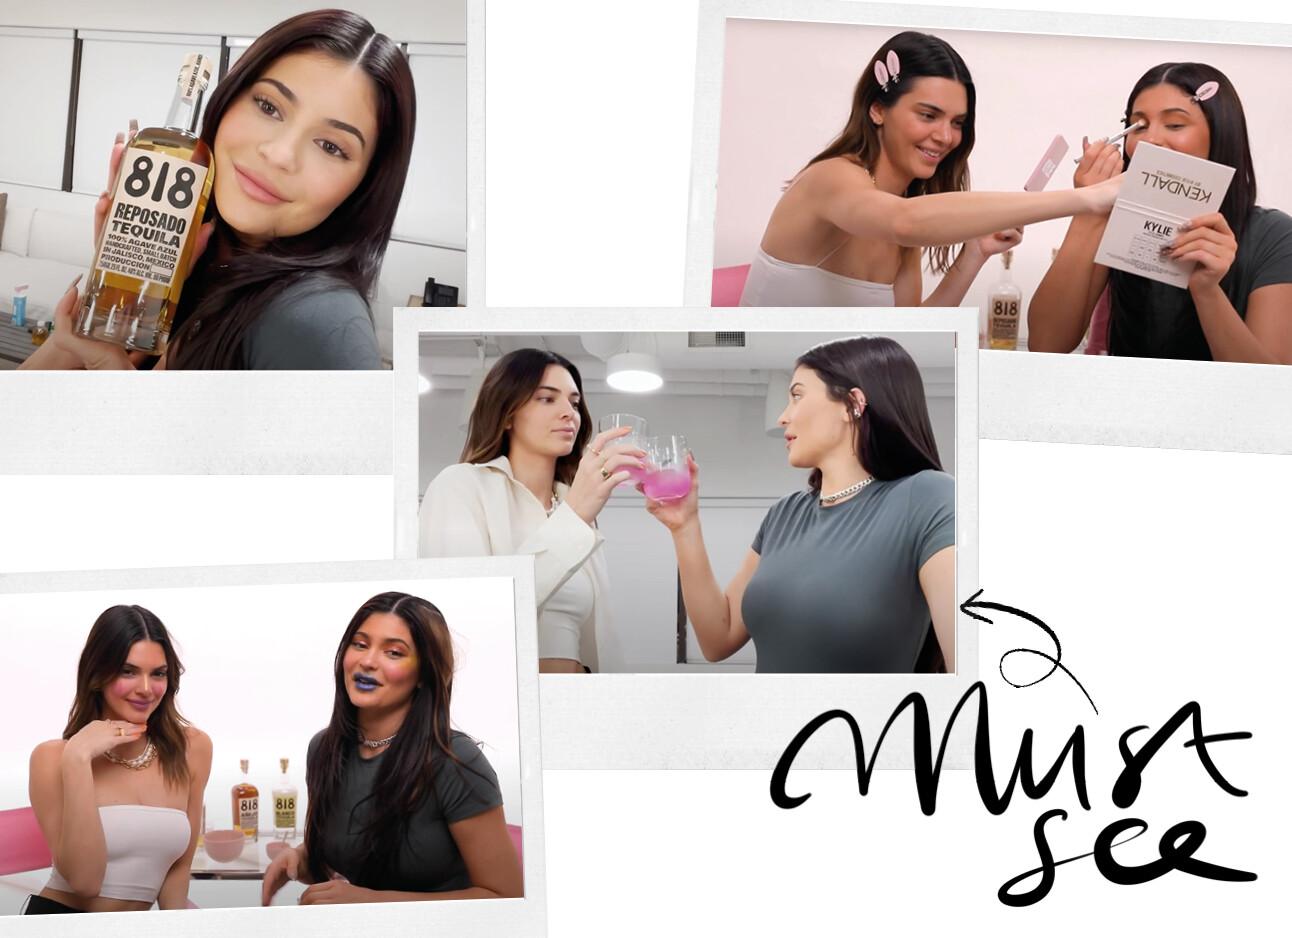 Kylie en kendall doen dronken elkaars make-up